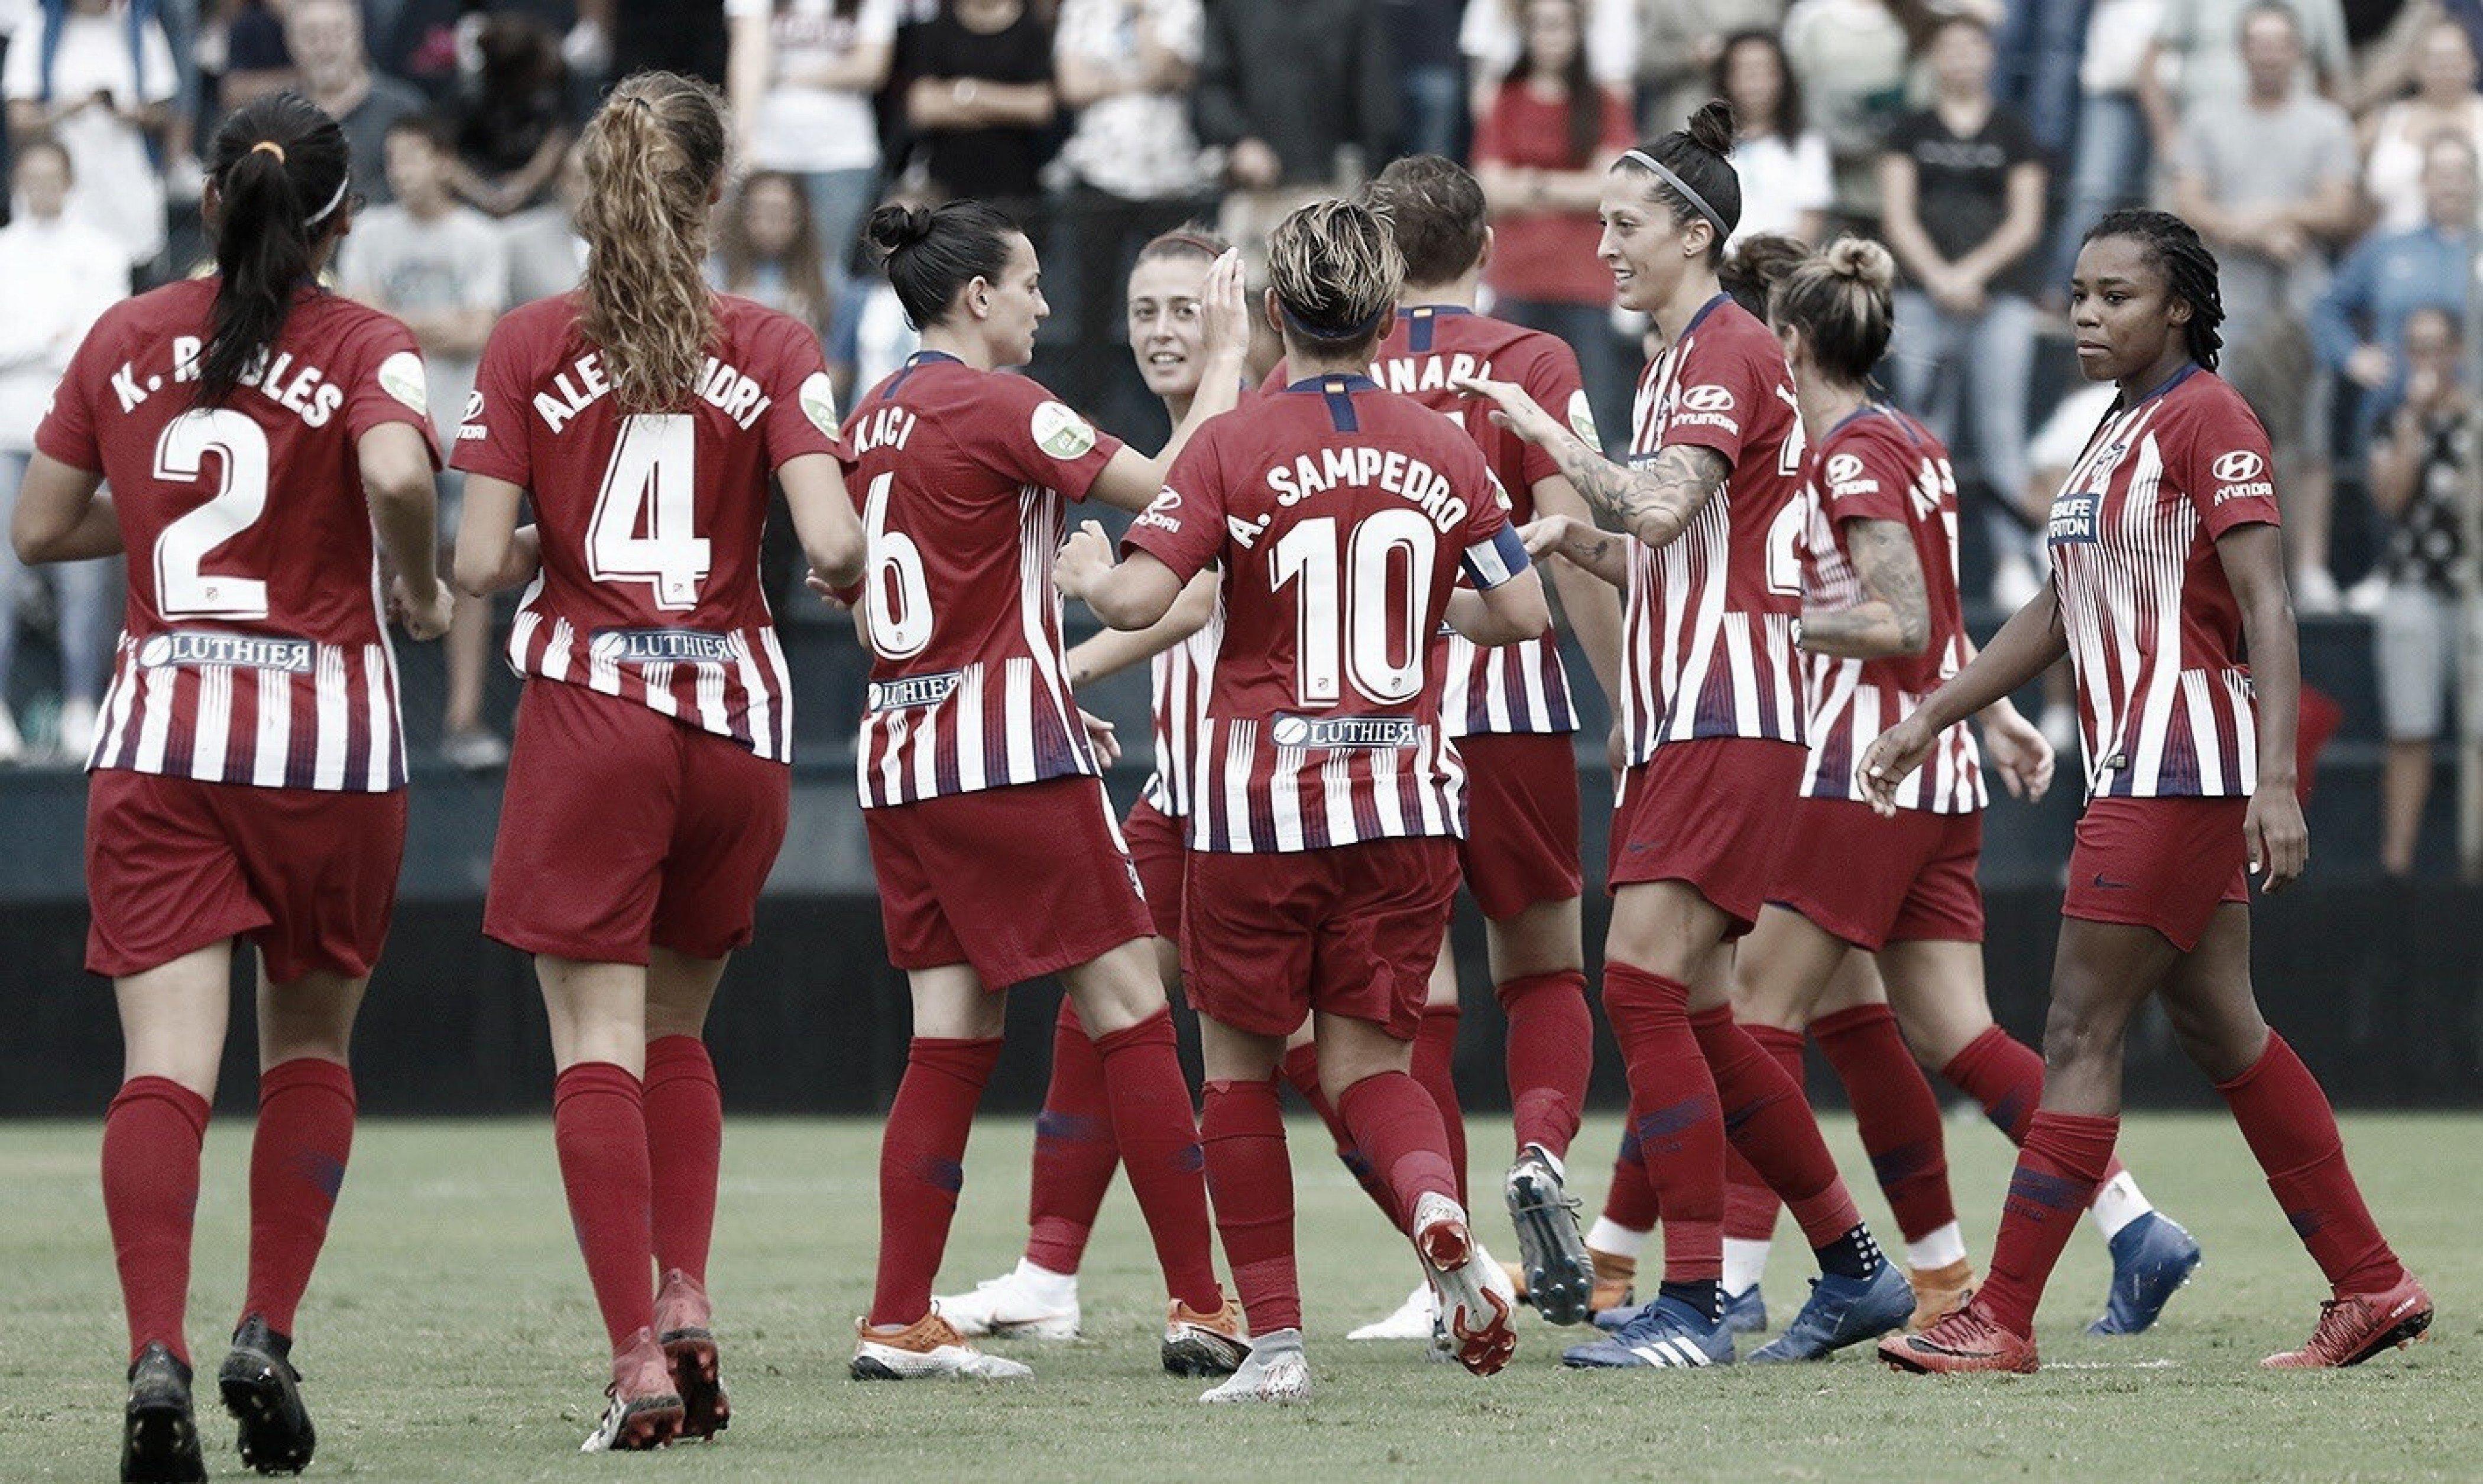 El Atlético Féminas comienza la defensa del título con mano firme